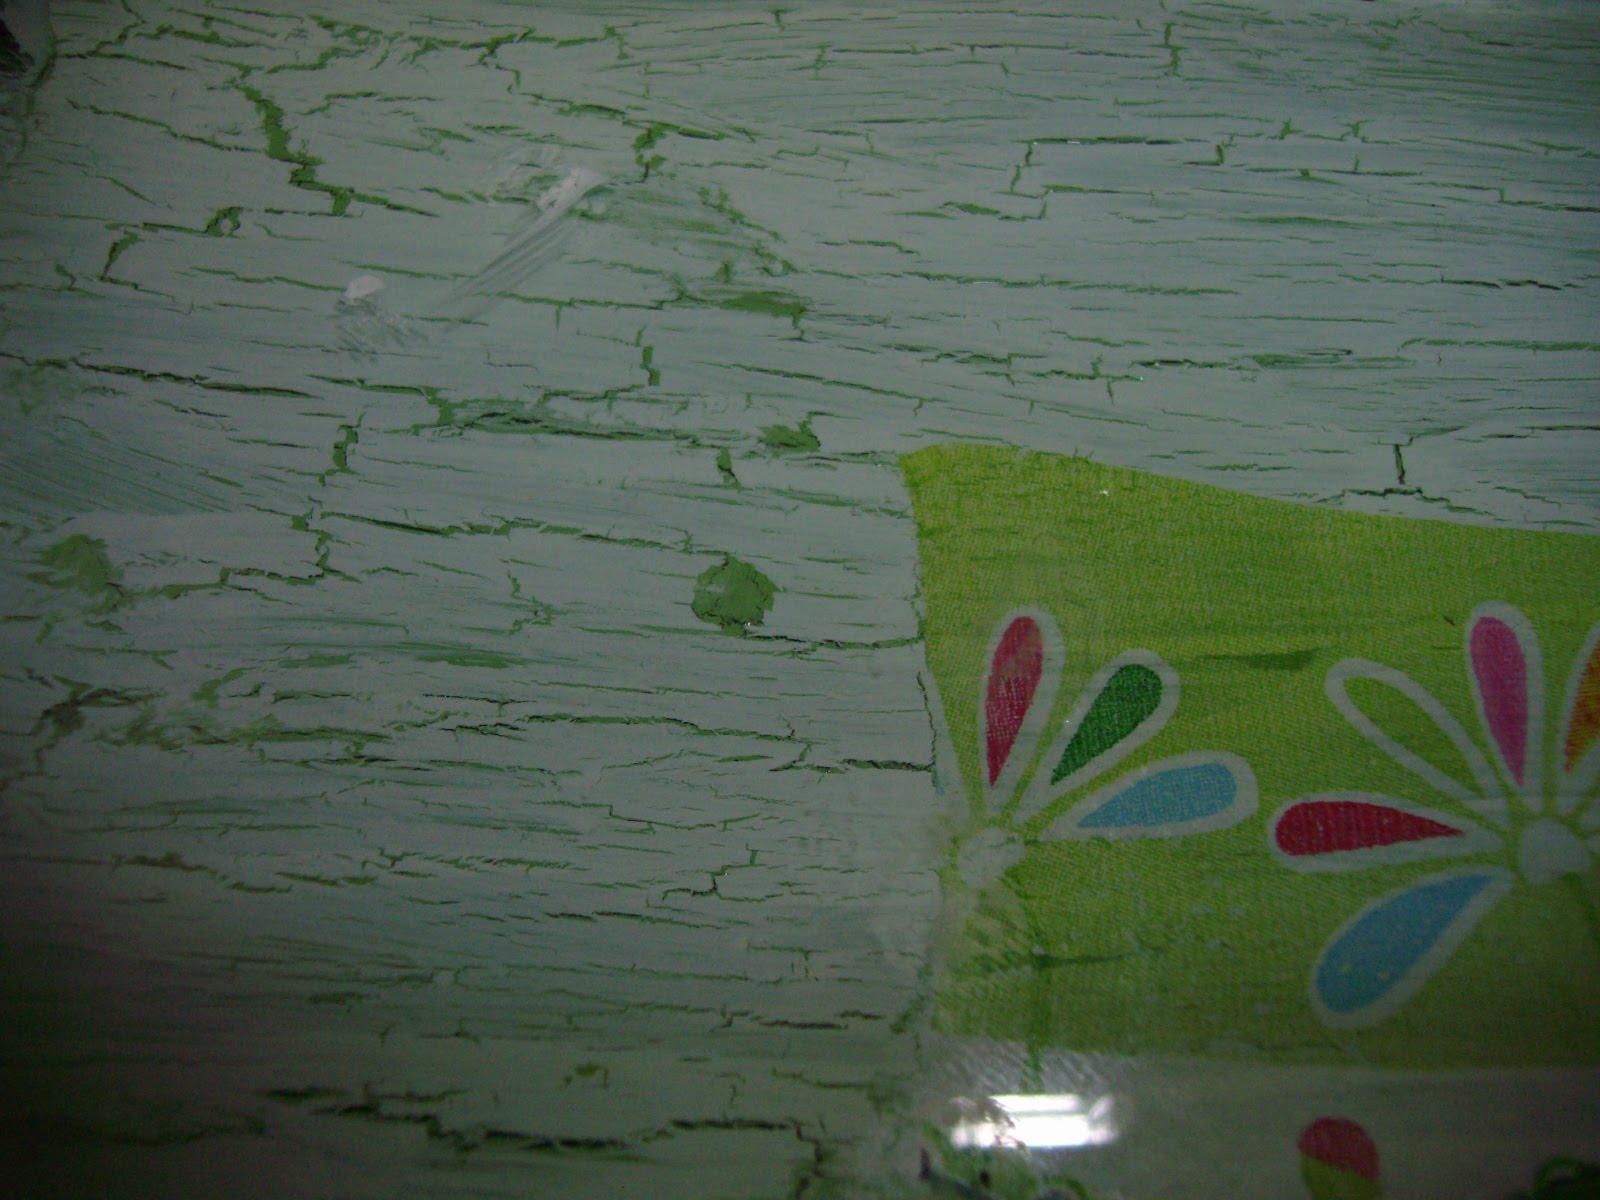 Mis manualidades y recetas de cocina bandejas de cristal - Bandejas de cristal ...